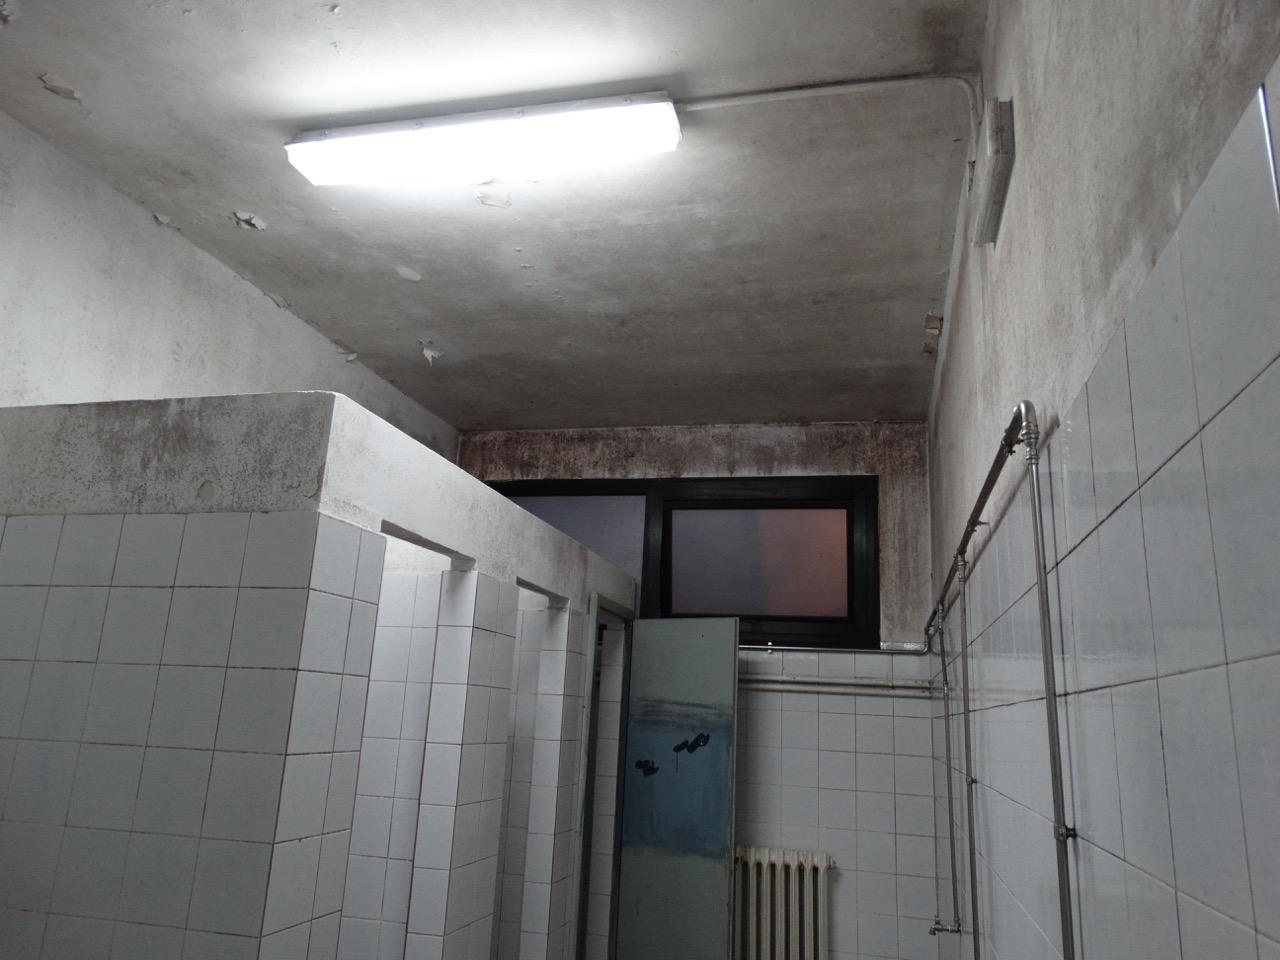 Muffa e pareti scrostate i fatiscenti spogliatoi della - Muffa nella doccia ...